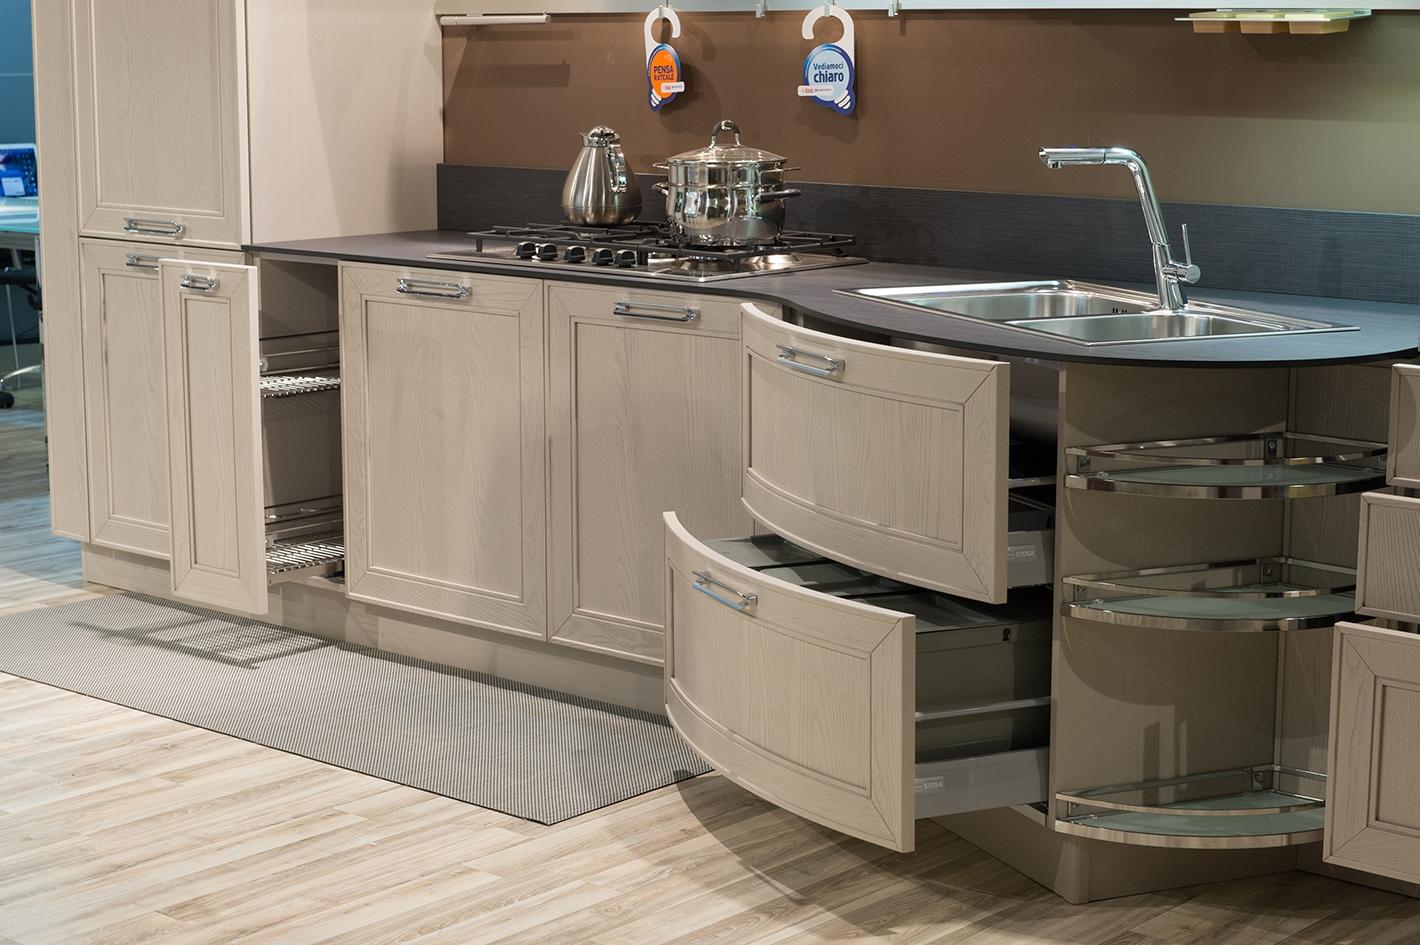 Cucina Stosa MAXIM In Promozione Cucine A Prezzi Scontati #406679 1420 945 Cucine Veneta O Stosa